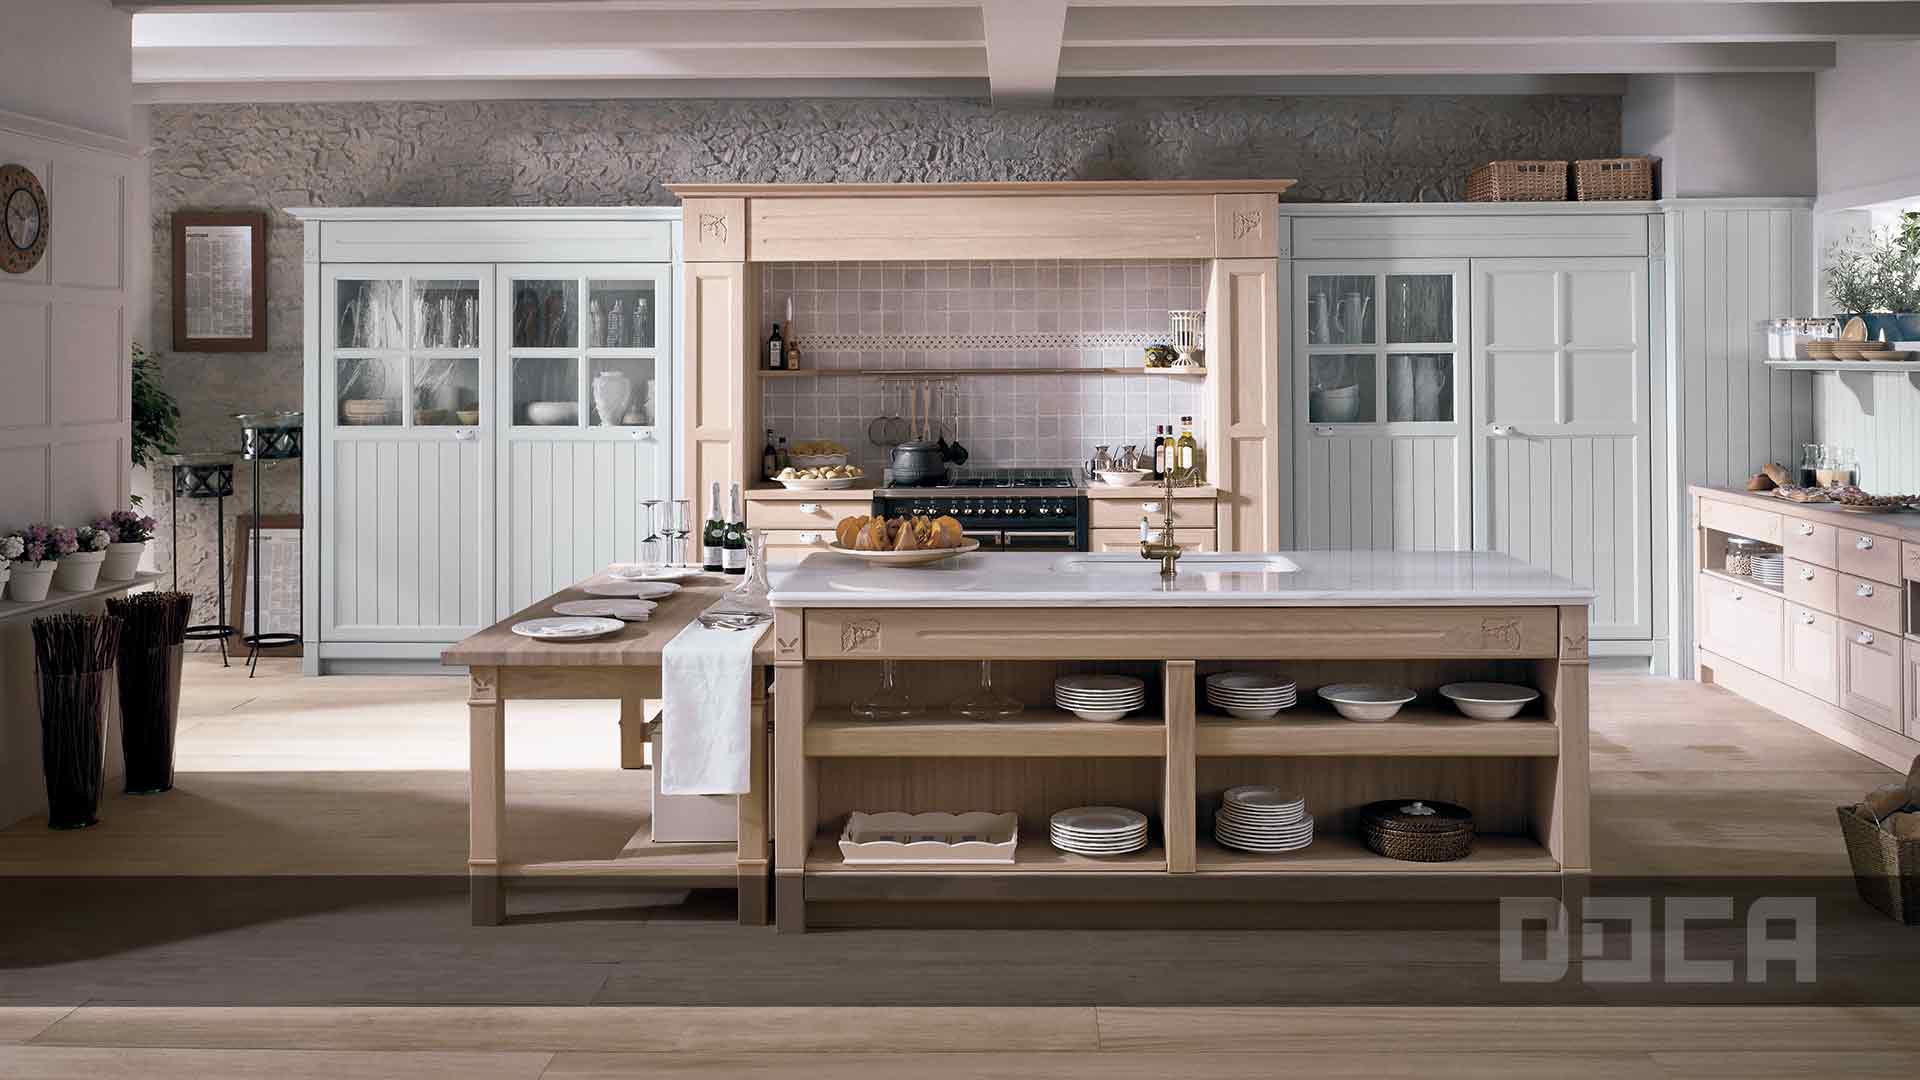 Cocinas_gregal_roble_natual_1920x1080.jpg